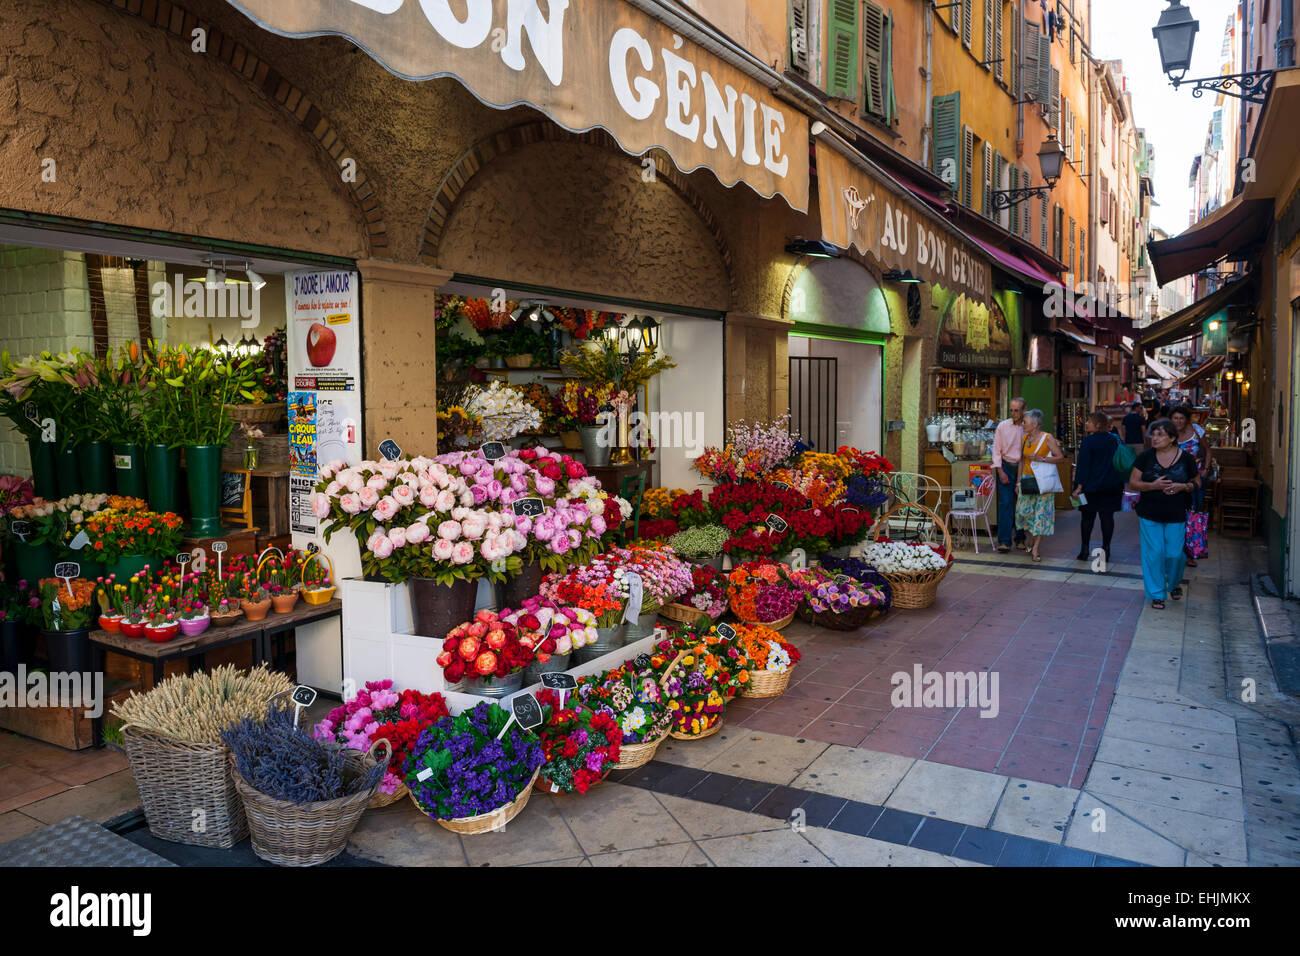 nice france october 2 2014 au bon genie flower shop. Black Bedroom Furniture Sets. Home Design Ideas